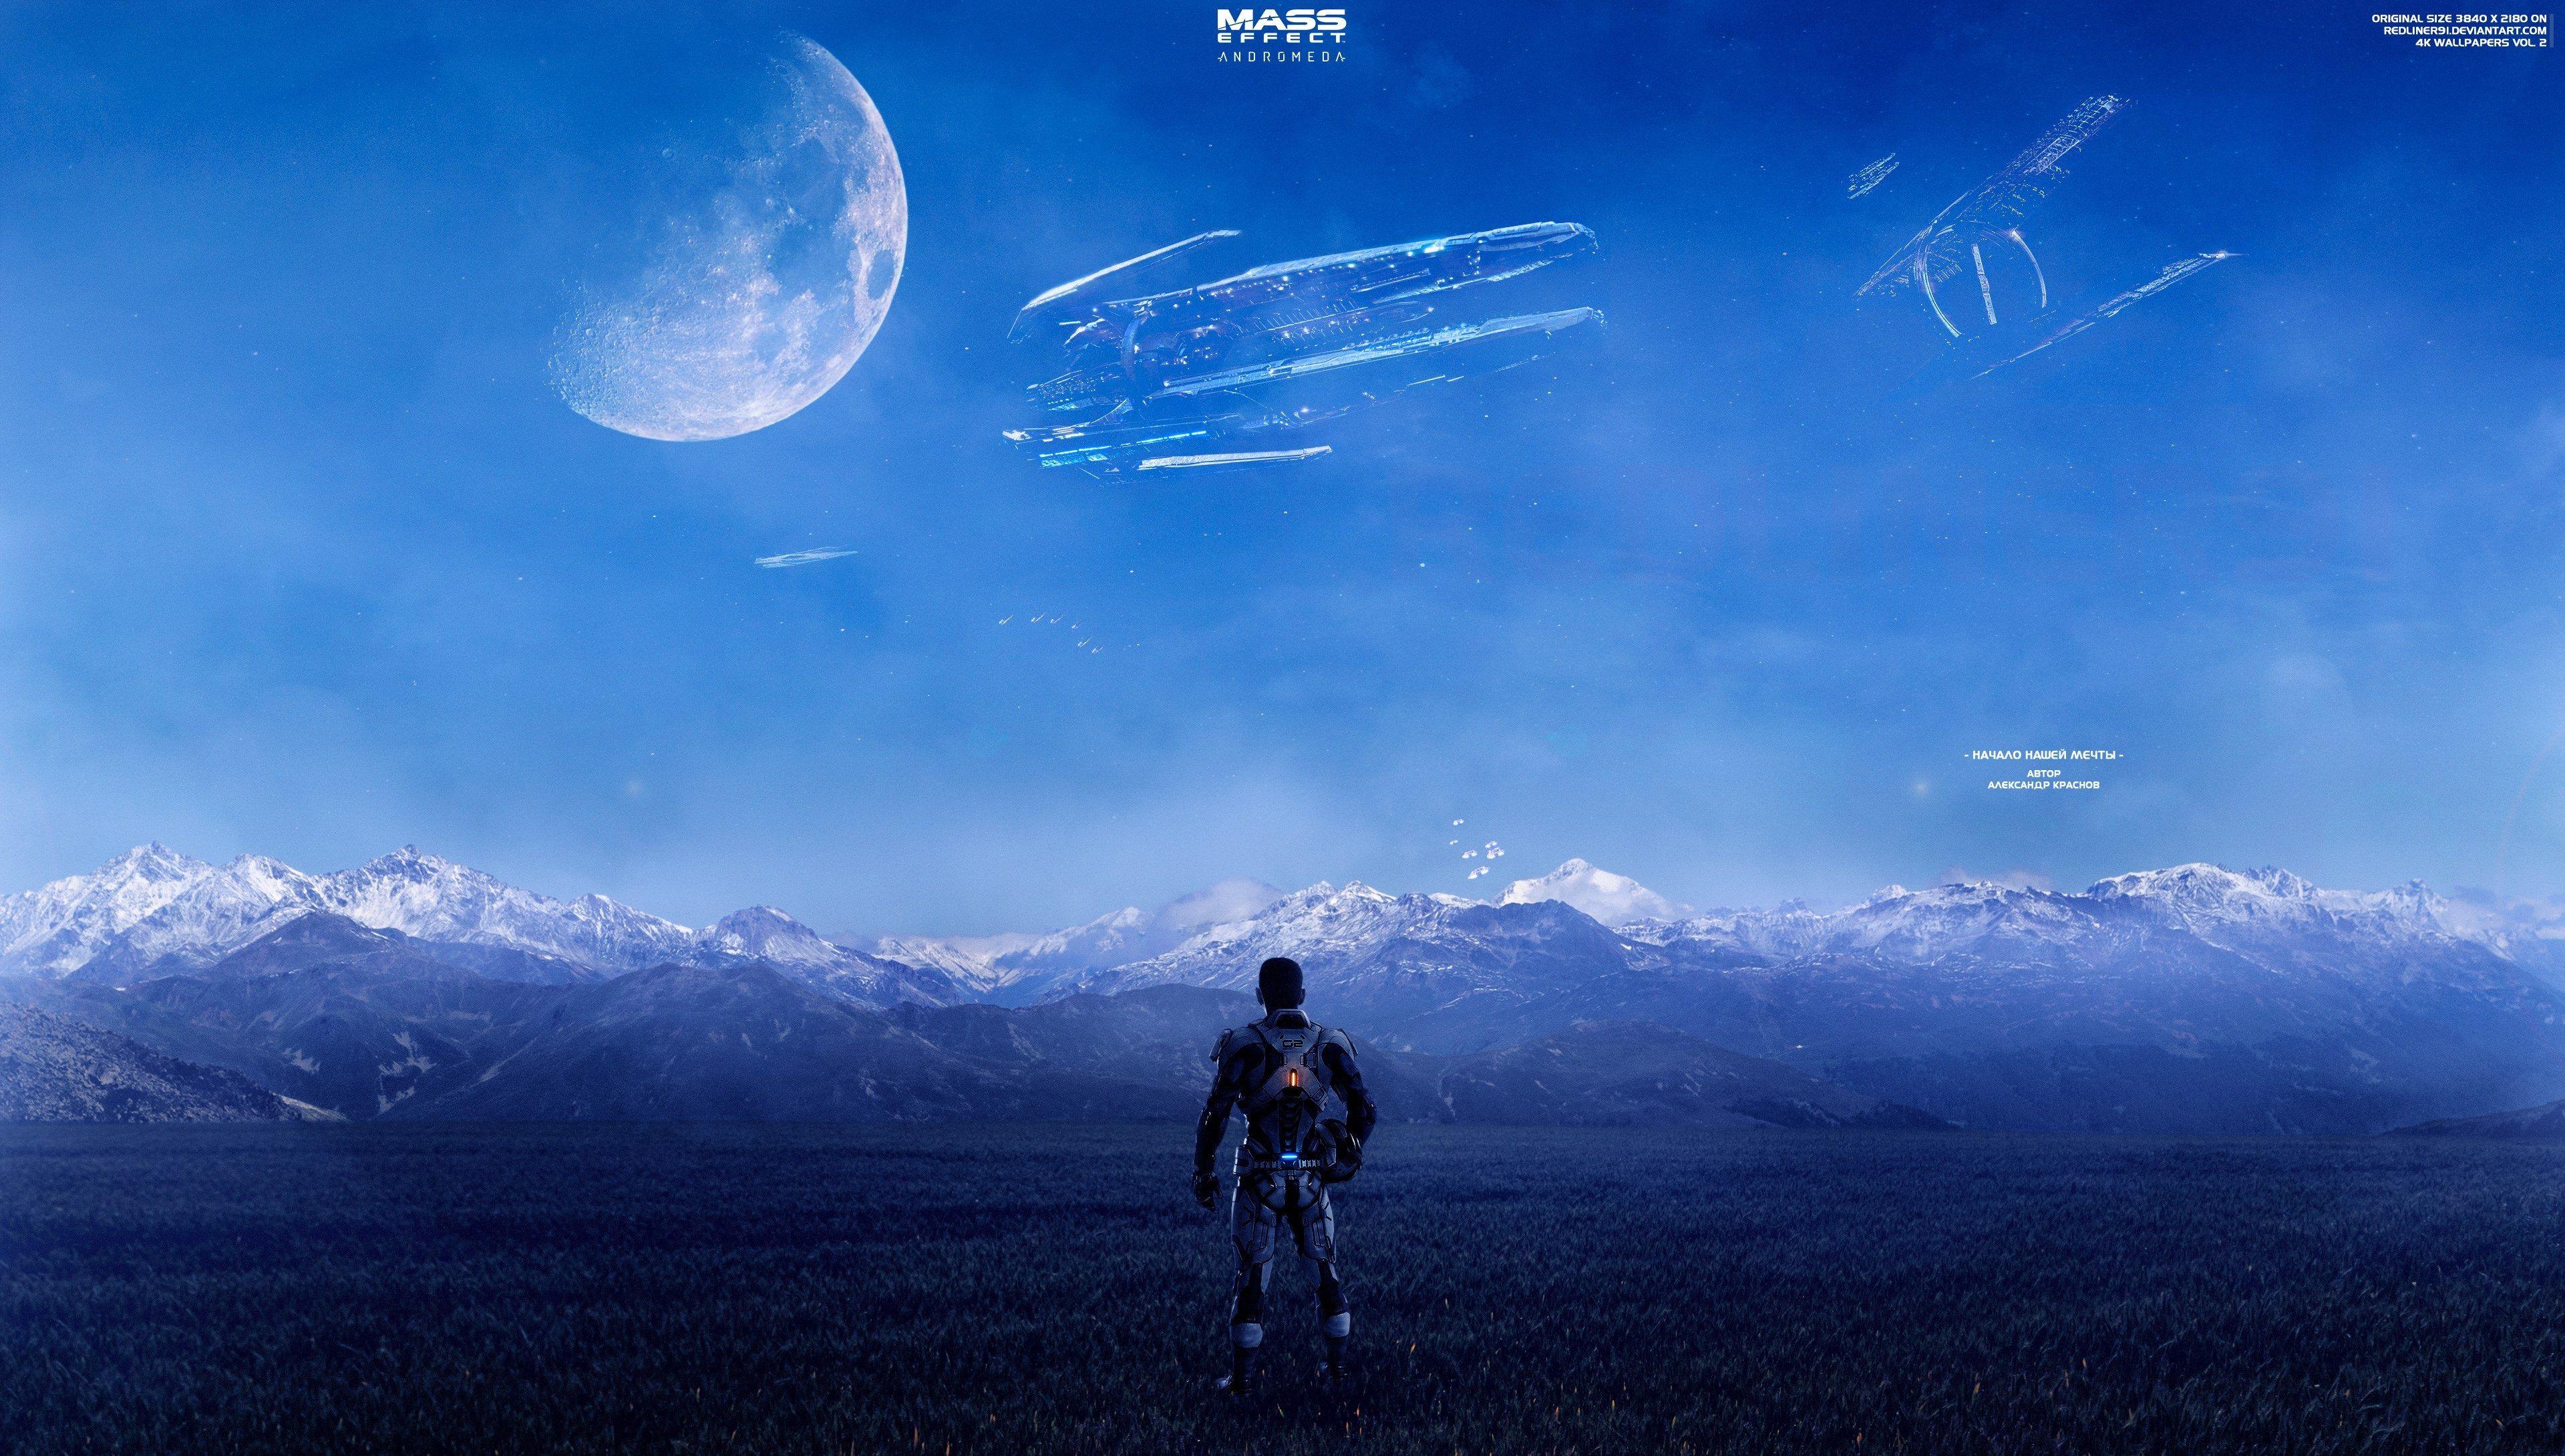 3840x2180 Mass Effect Andromeda 4k Wallpaper For Desktop Hd Mass Effect Background Images Landscape